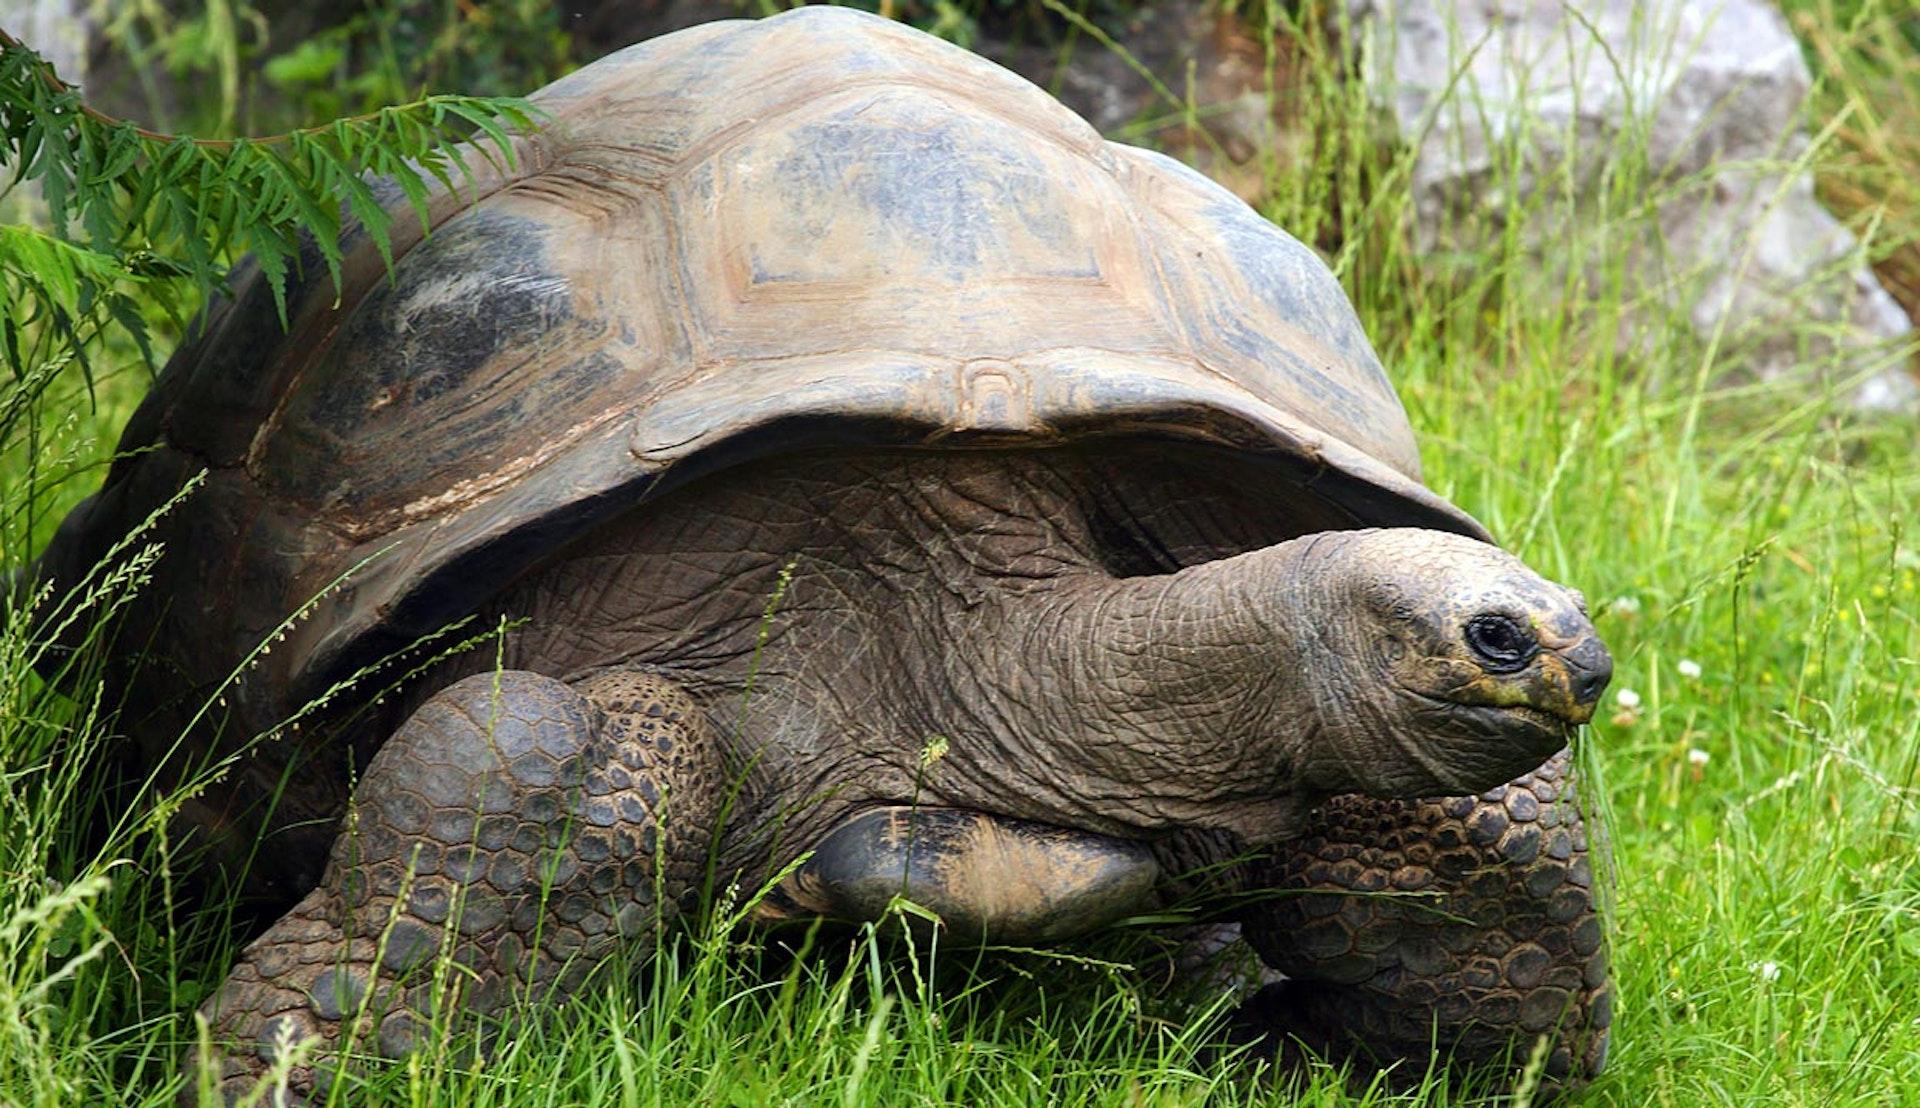 Gigantisk sköldpadda i det gröna gräset på Galapagos.